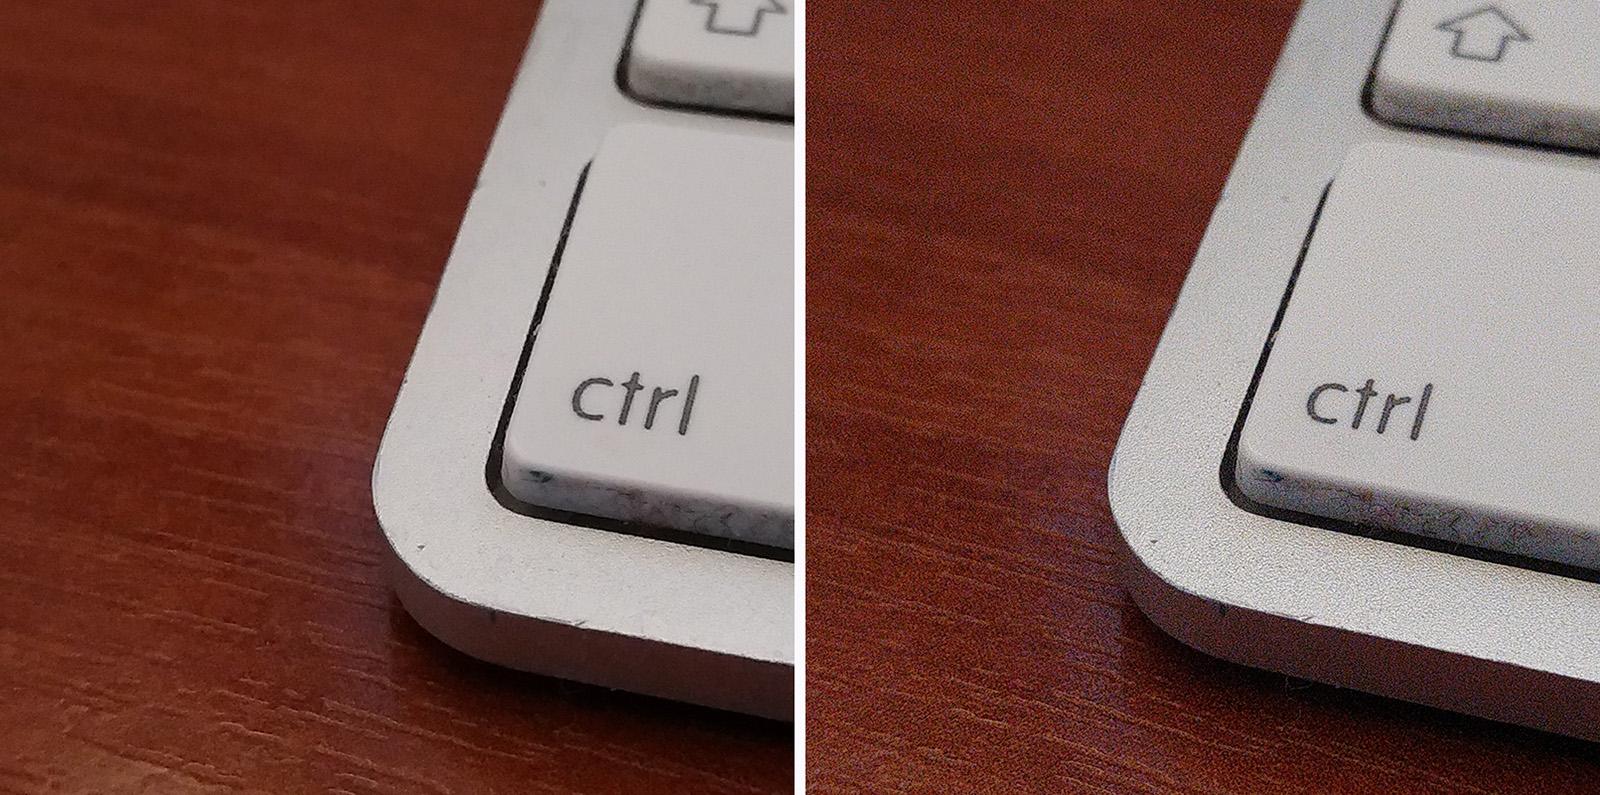 Сравнение фото с включенным шумодавом (слева) и без (справа)